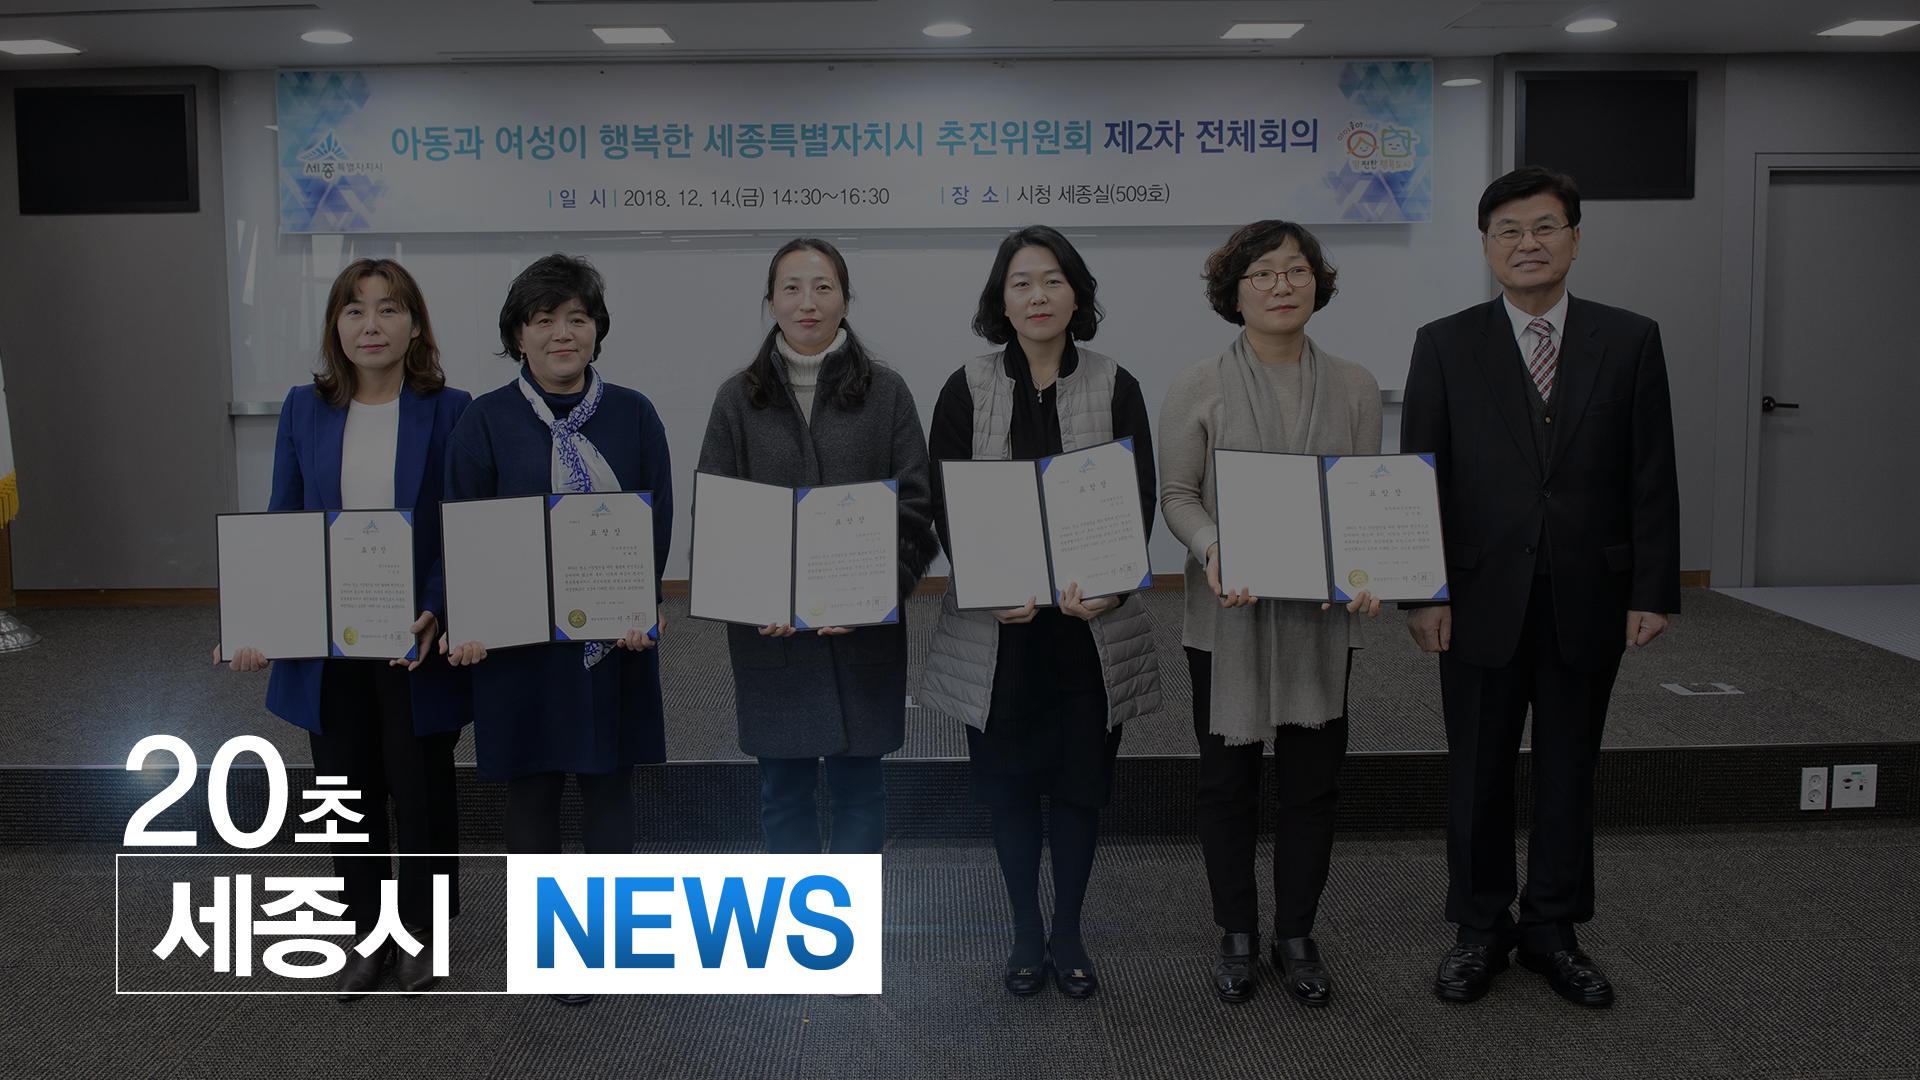 <20초뉴스> 아동·여성추진위 분과별 정책제안 발표